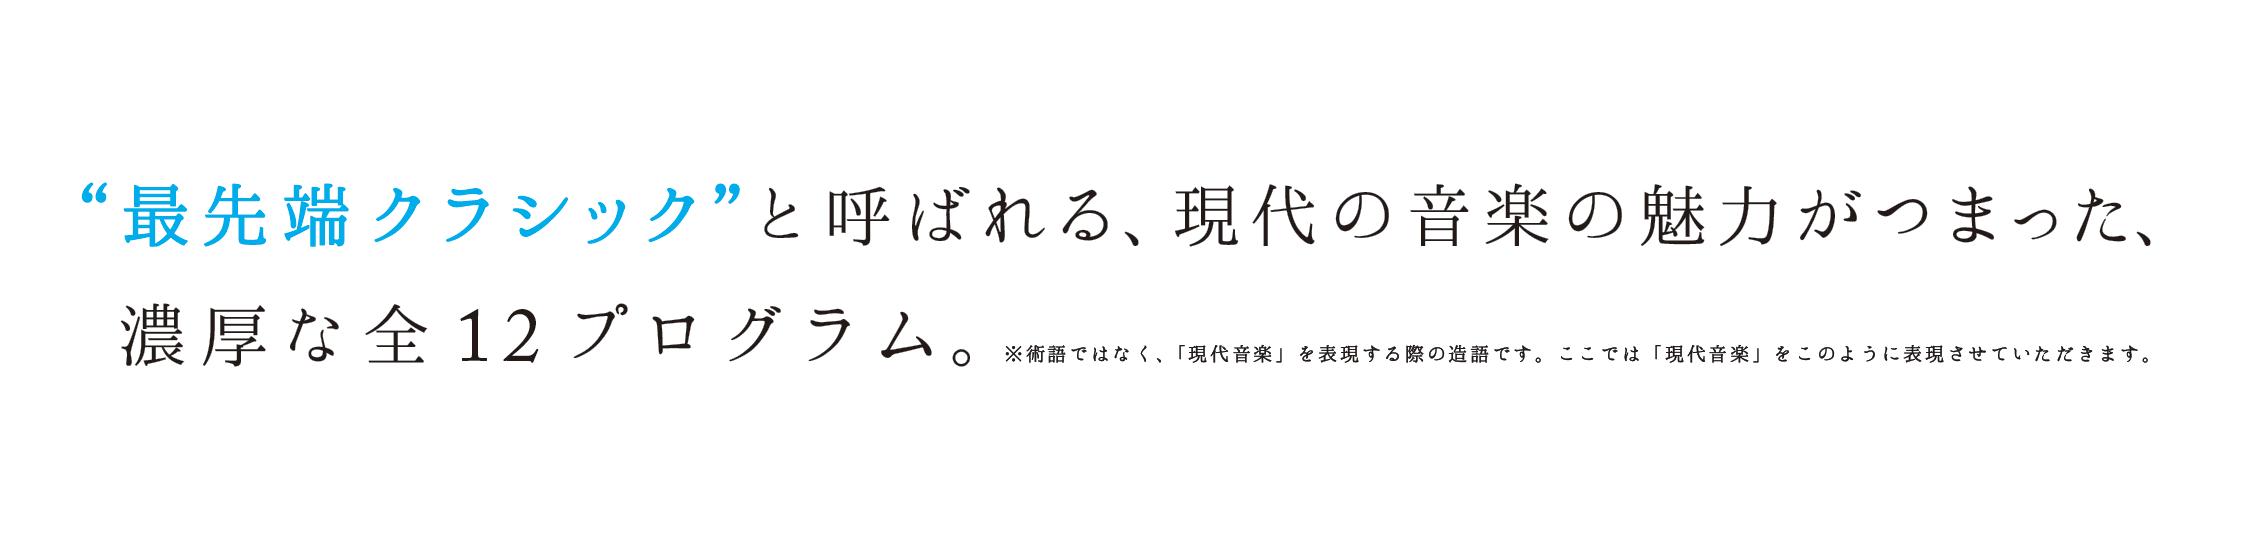 スクリーンショット 2019-01-12 16.10.31.png